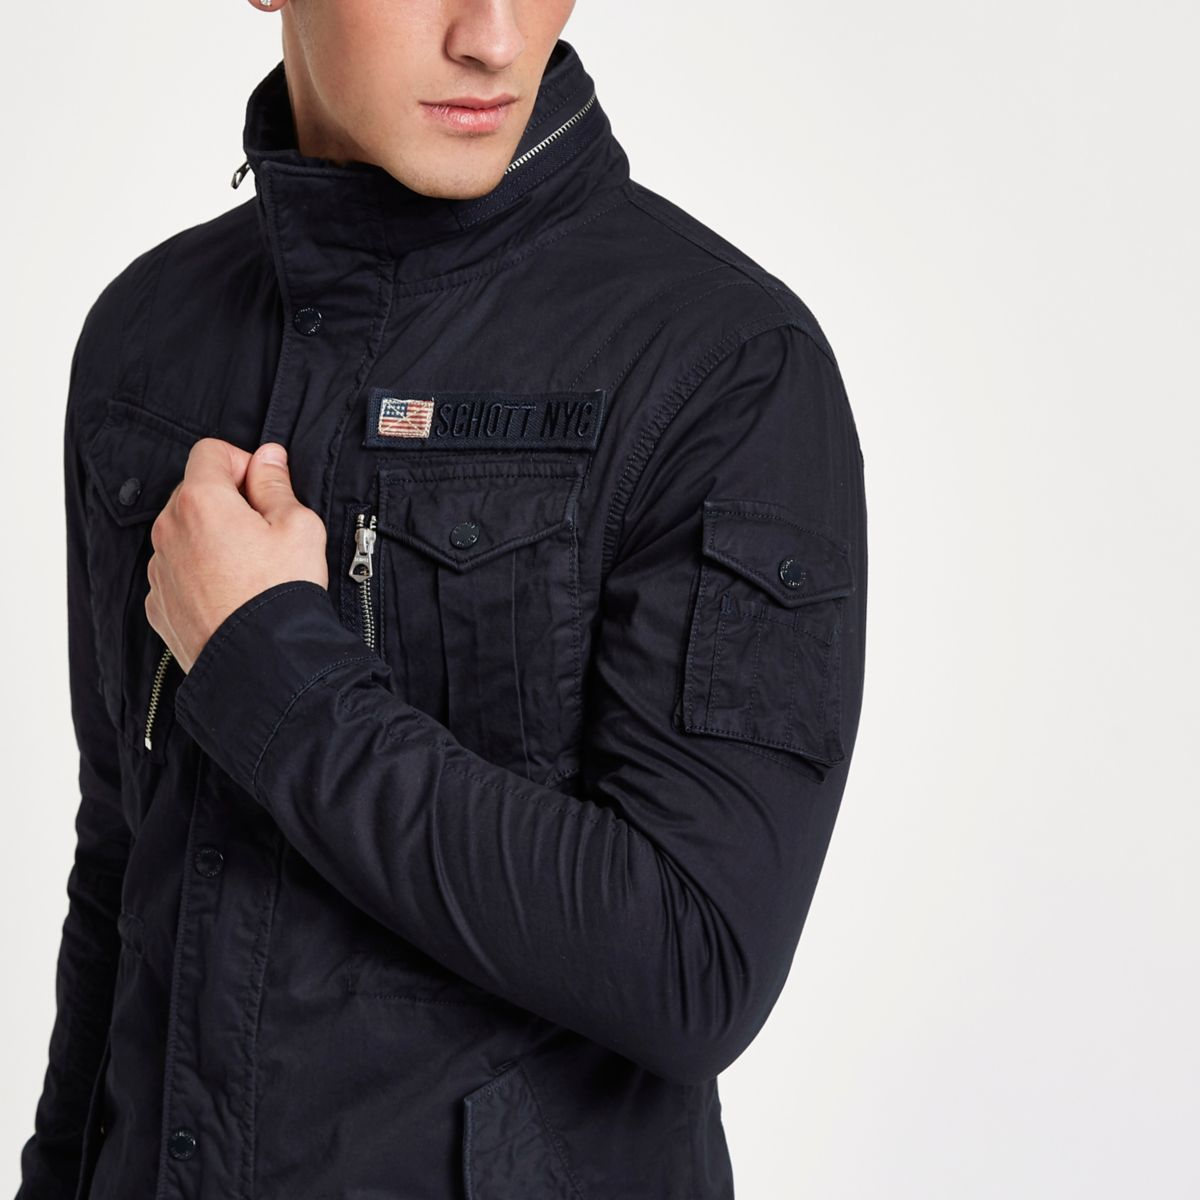 Schott navy field jacket